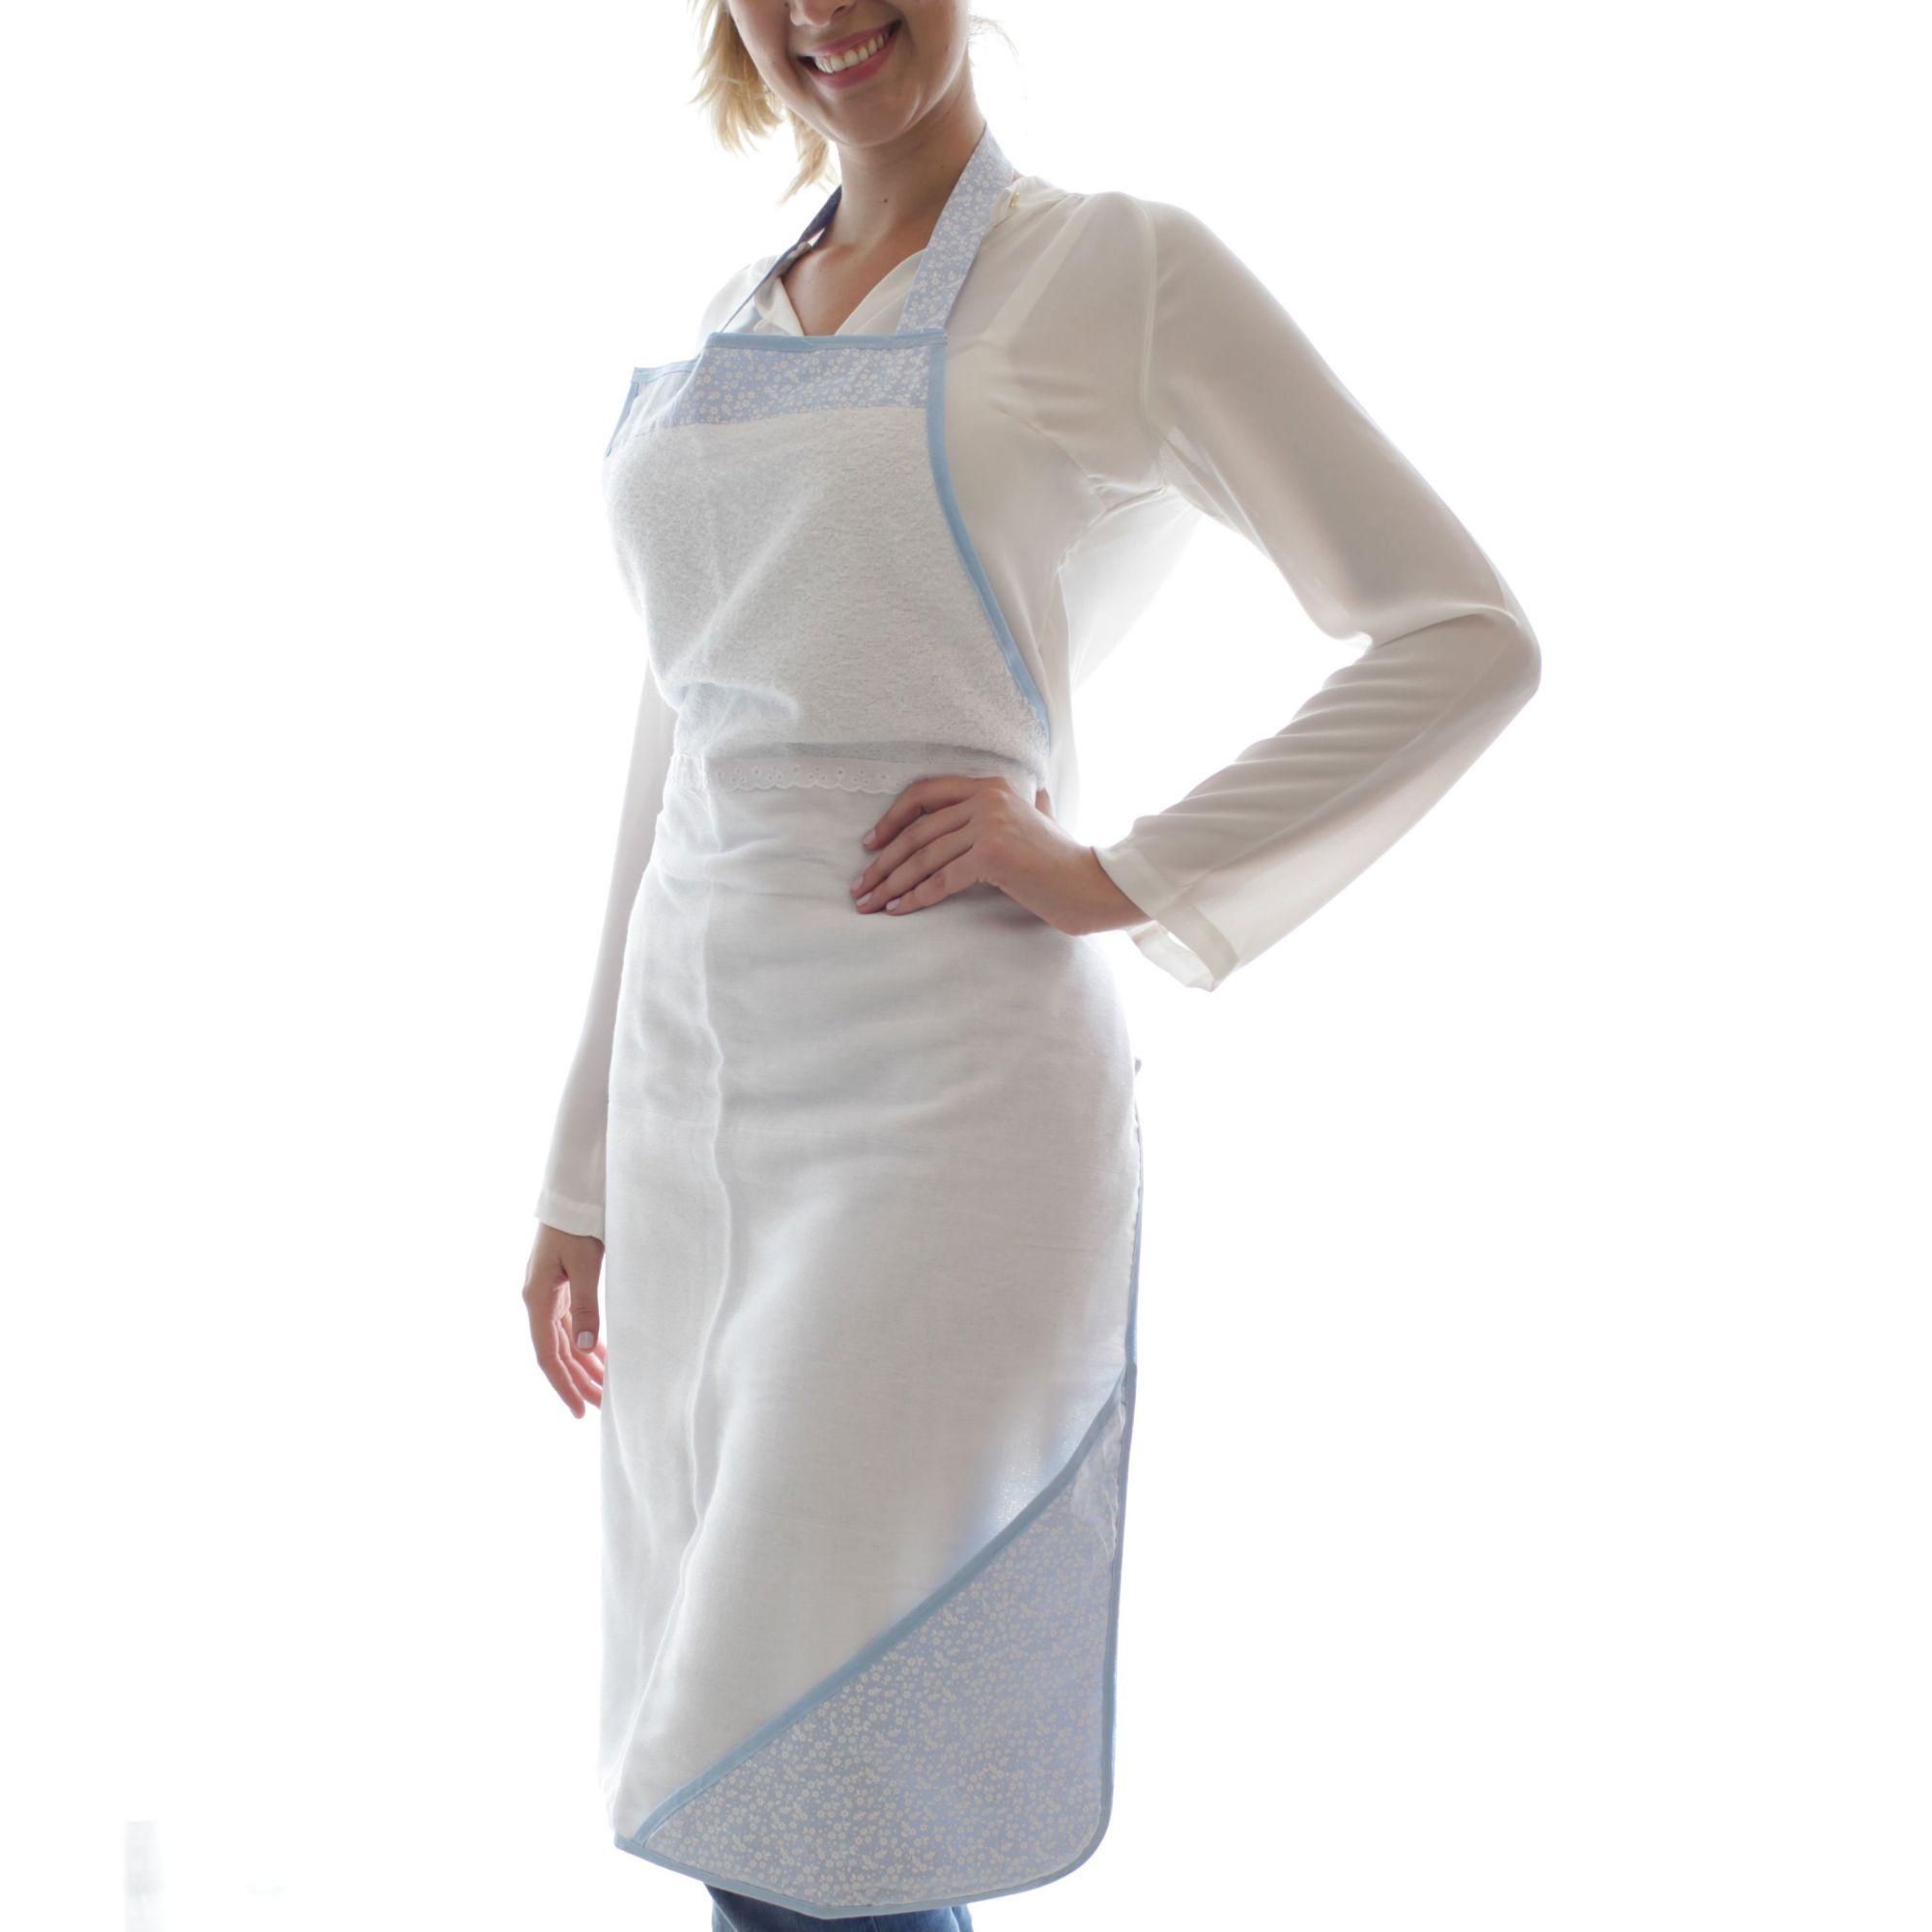 Toalha de Banho Avental Felpuda Forrada Fralda com Capuz Flores Azul e Branco